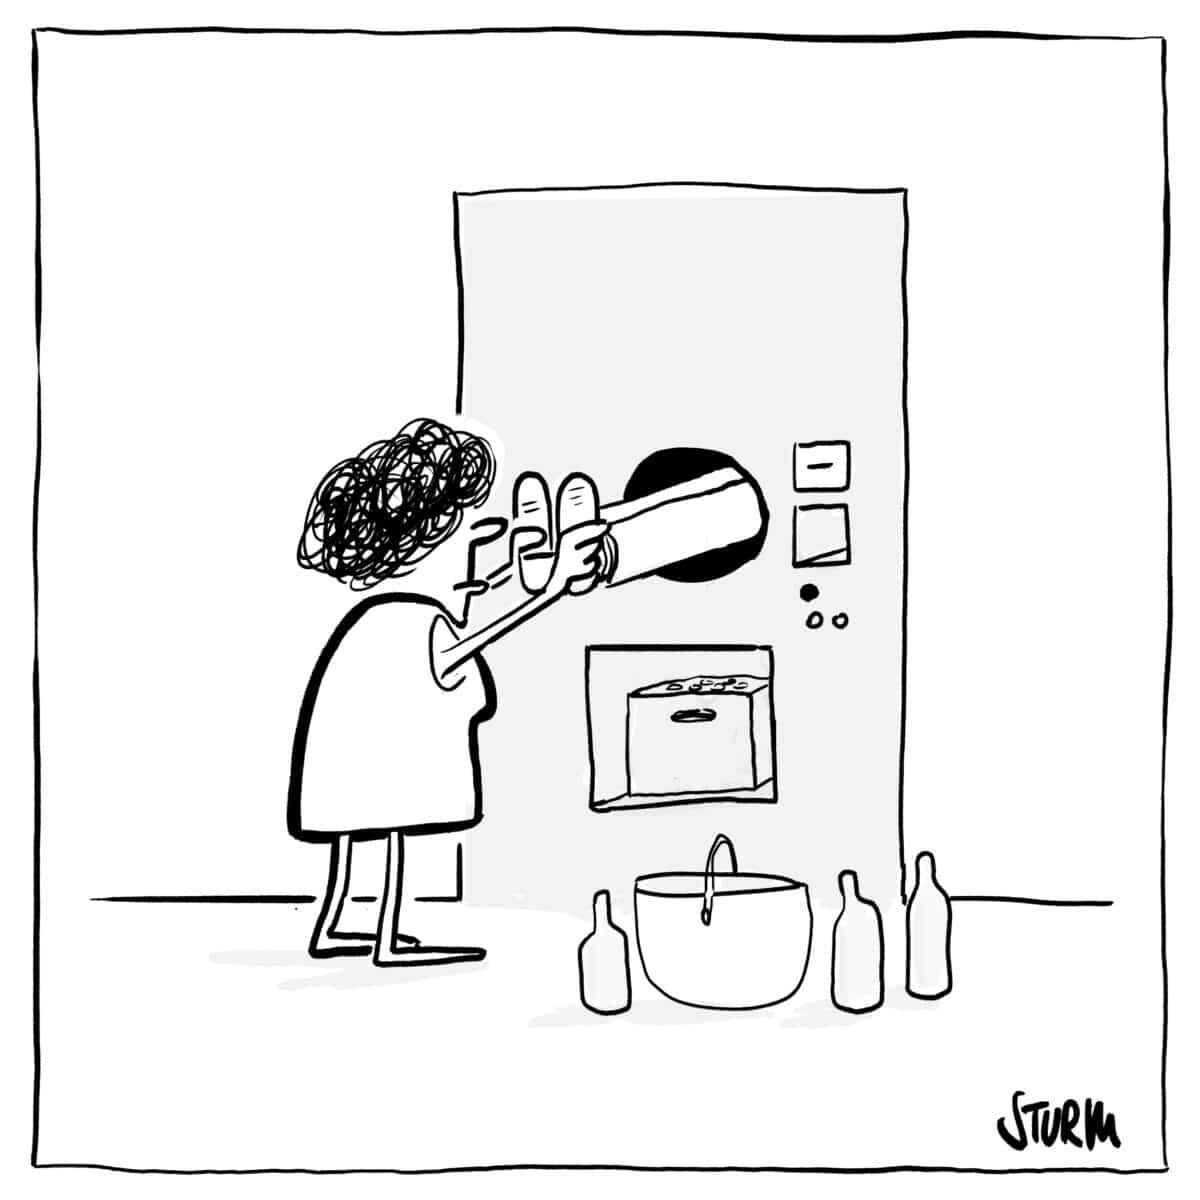 Flaschenannahme –Cartoon von Philipp Sturm